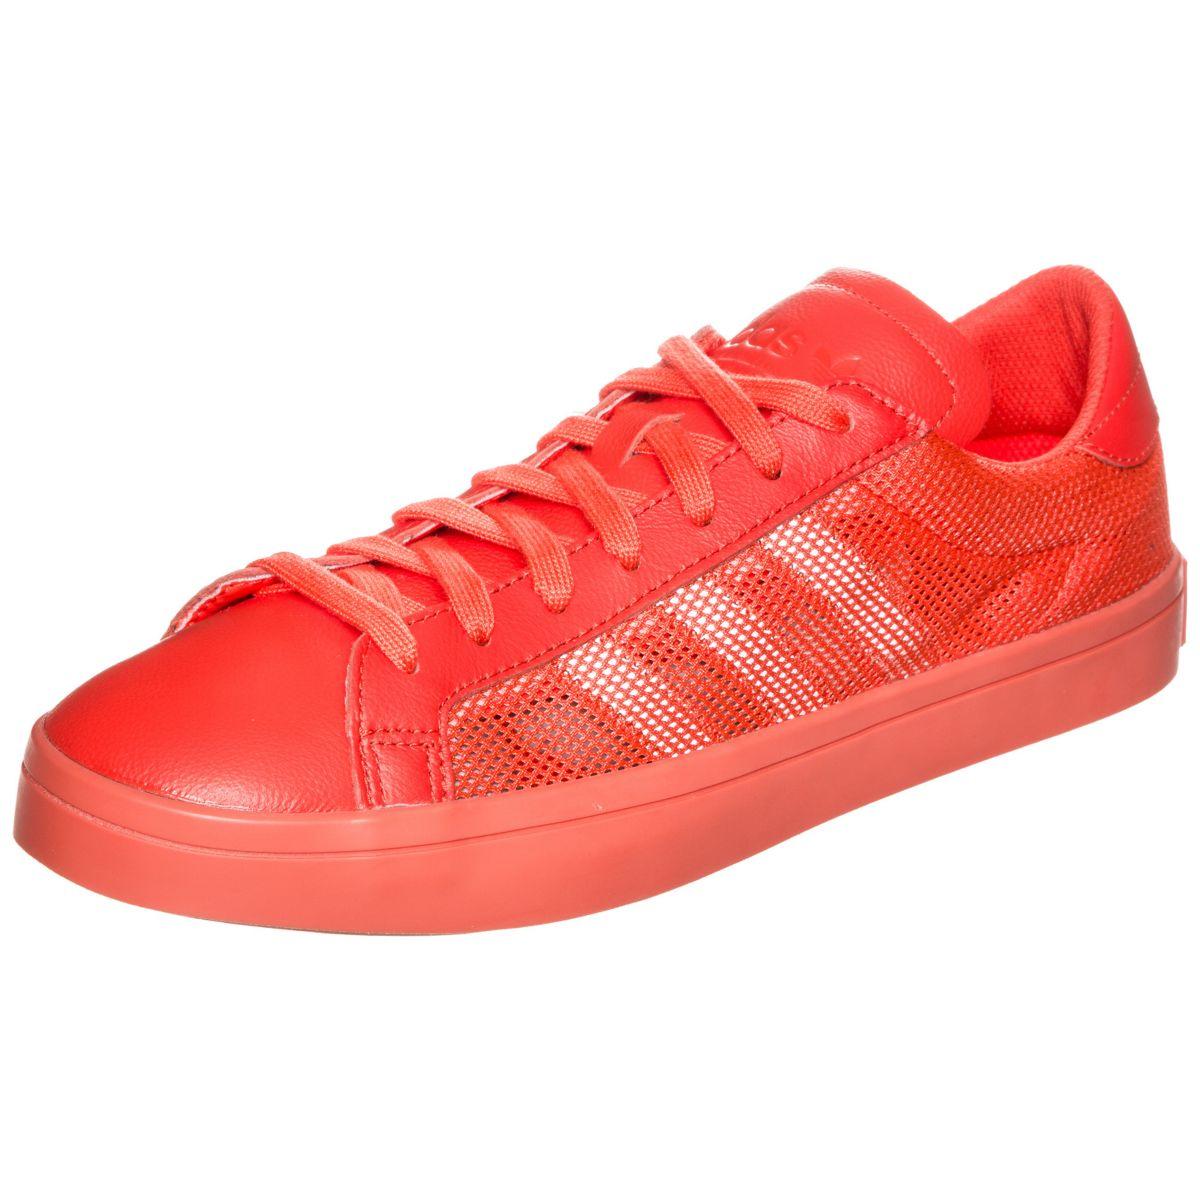 Adidas Originals Sneaker Herren Adidas Courtvantage Originals Courtvantage N8vmnw0